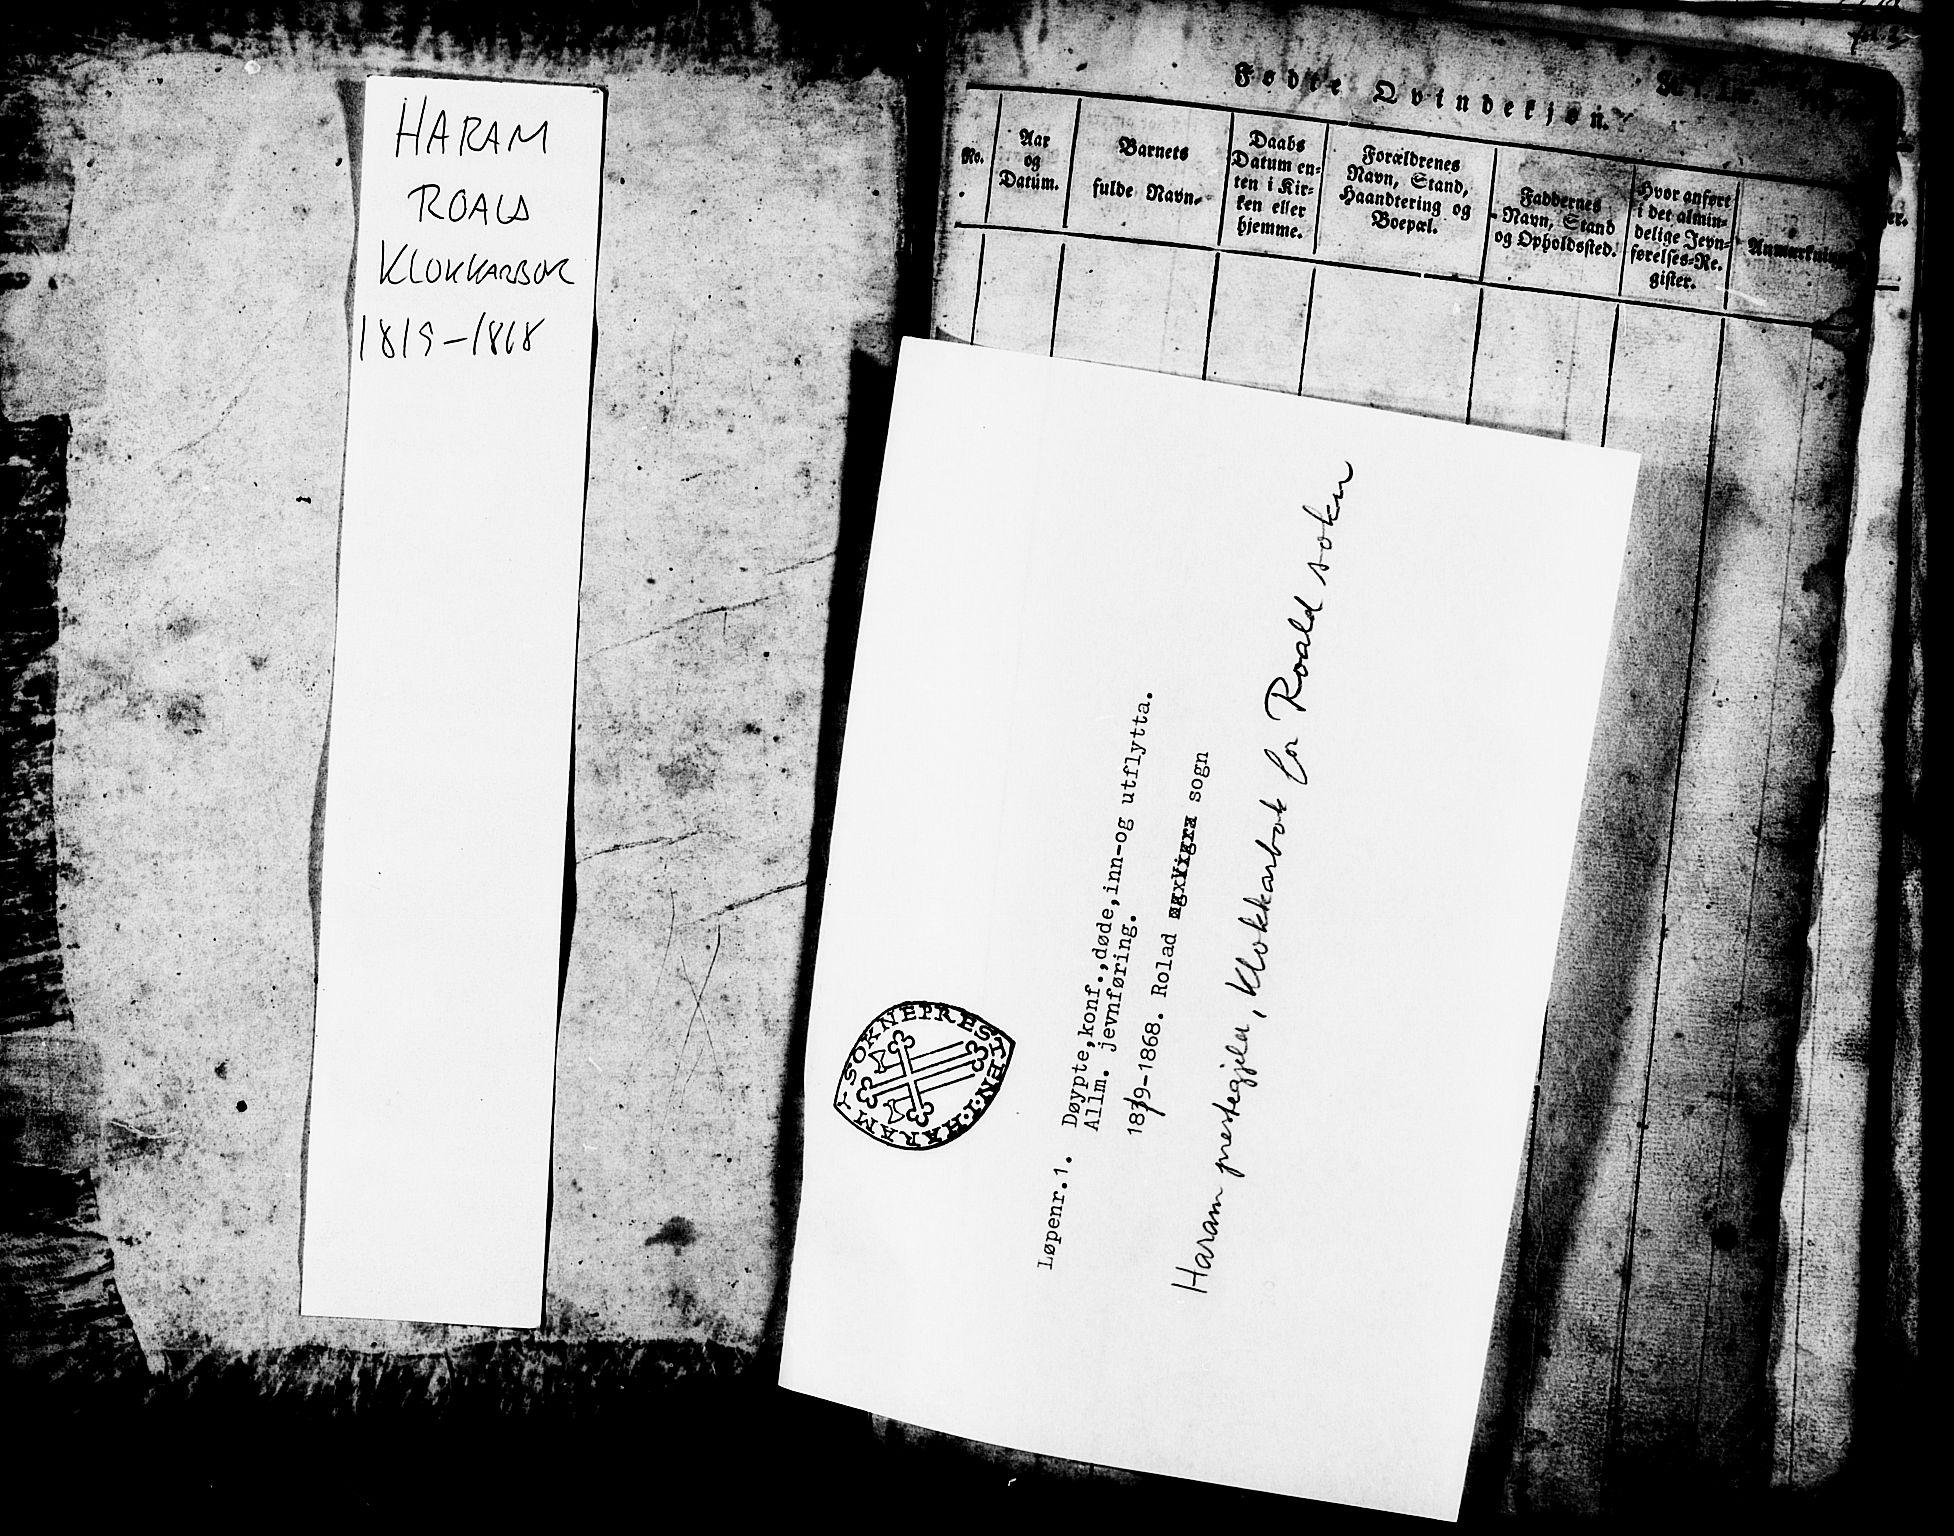 SAT, Ministerialprotokoller, klokkerbøker og fødselsregistre - Møre og Romsdal, 537/L0520: Klokkerbok nr. 537C01, 1819-1868, s. 1